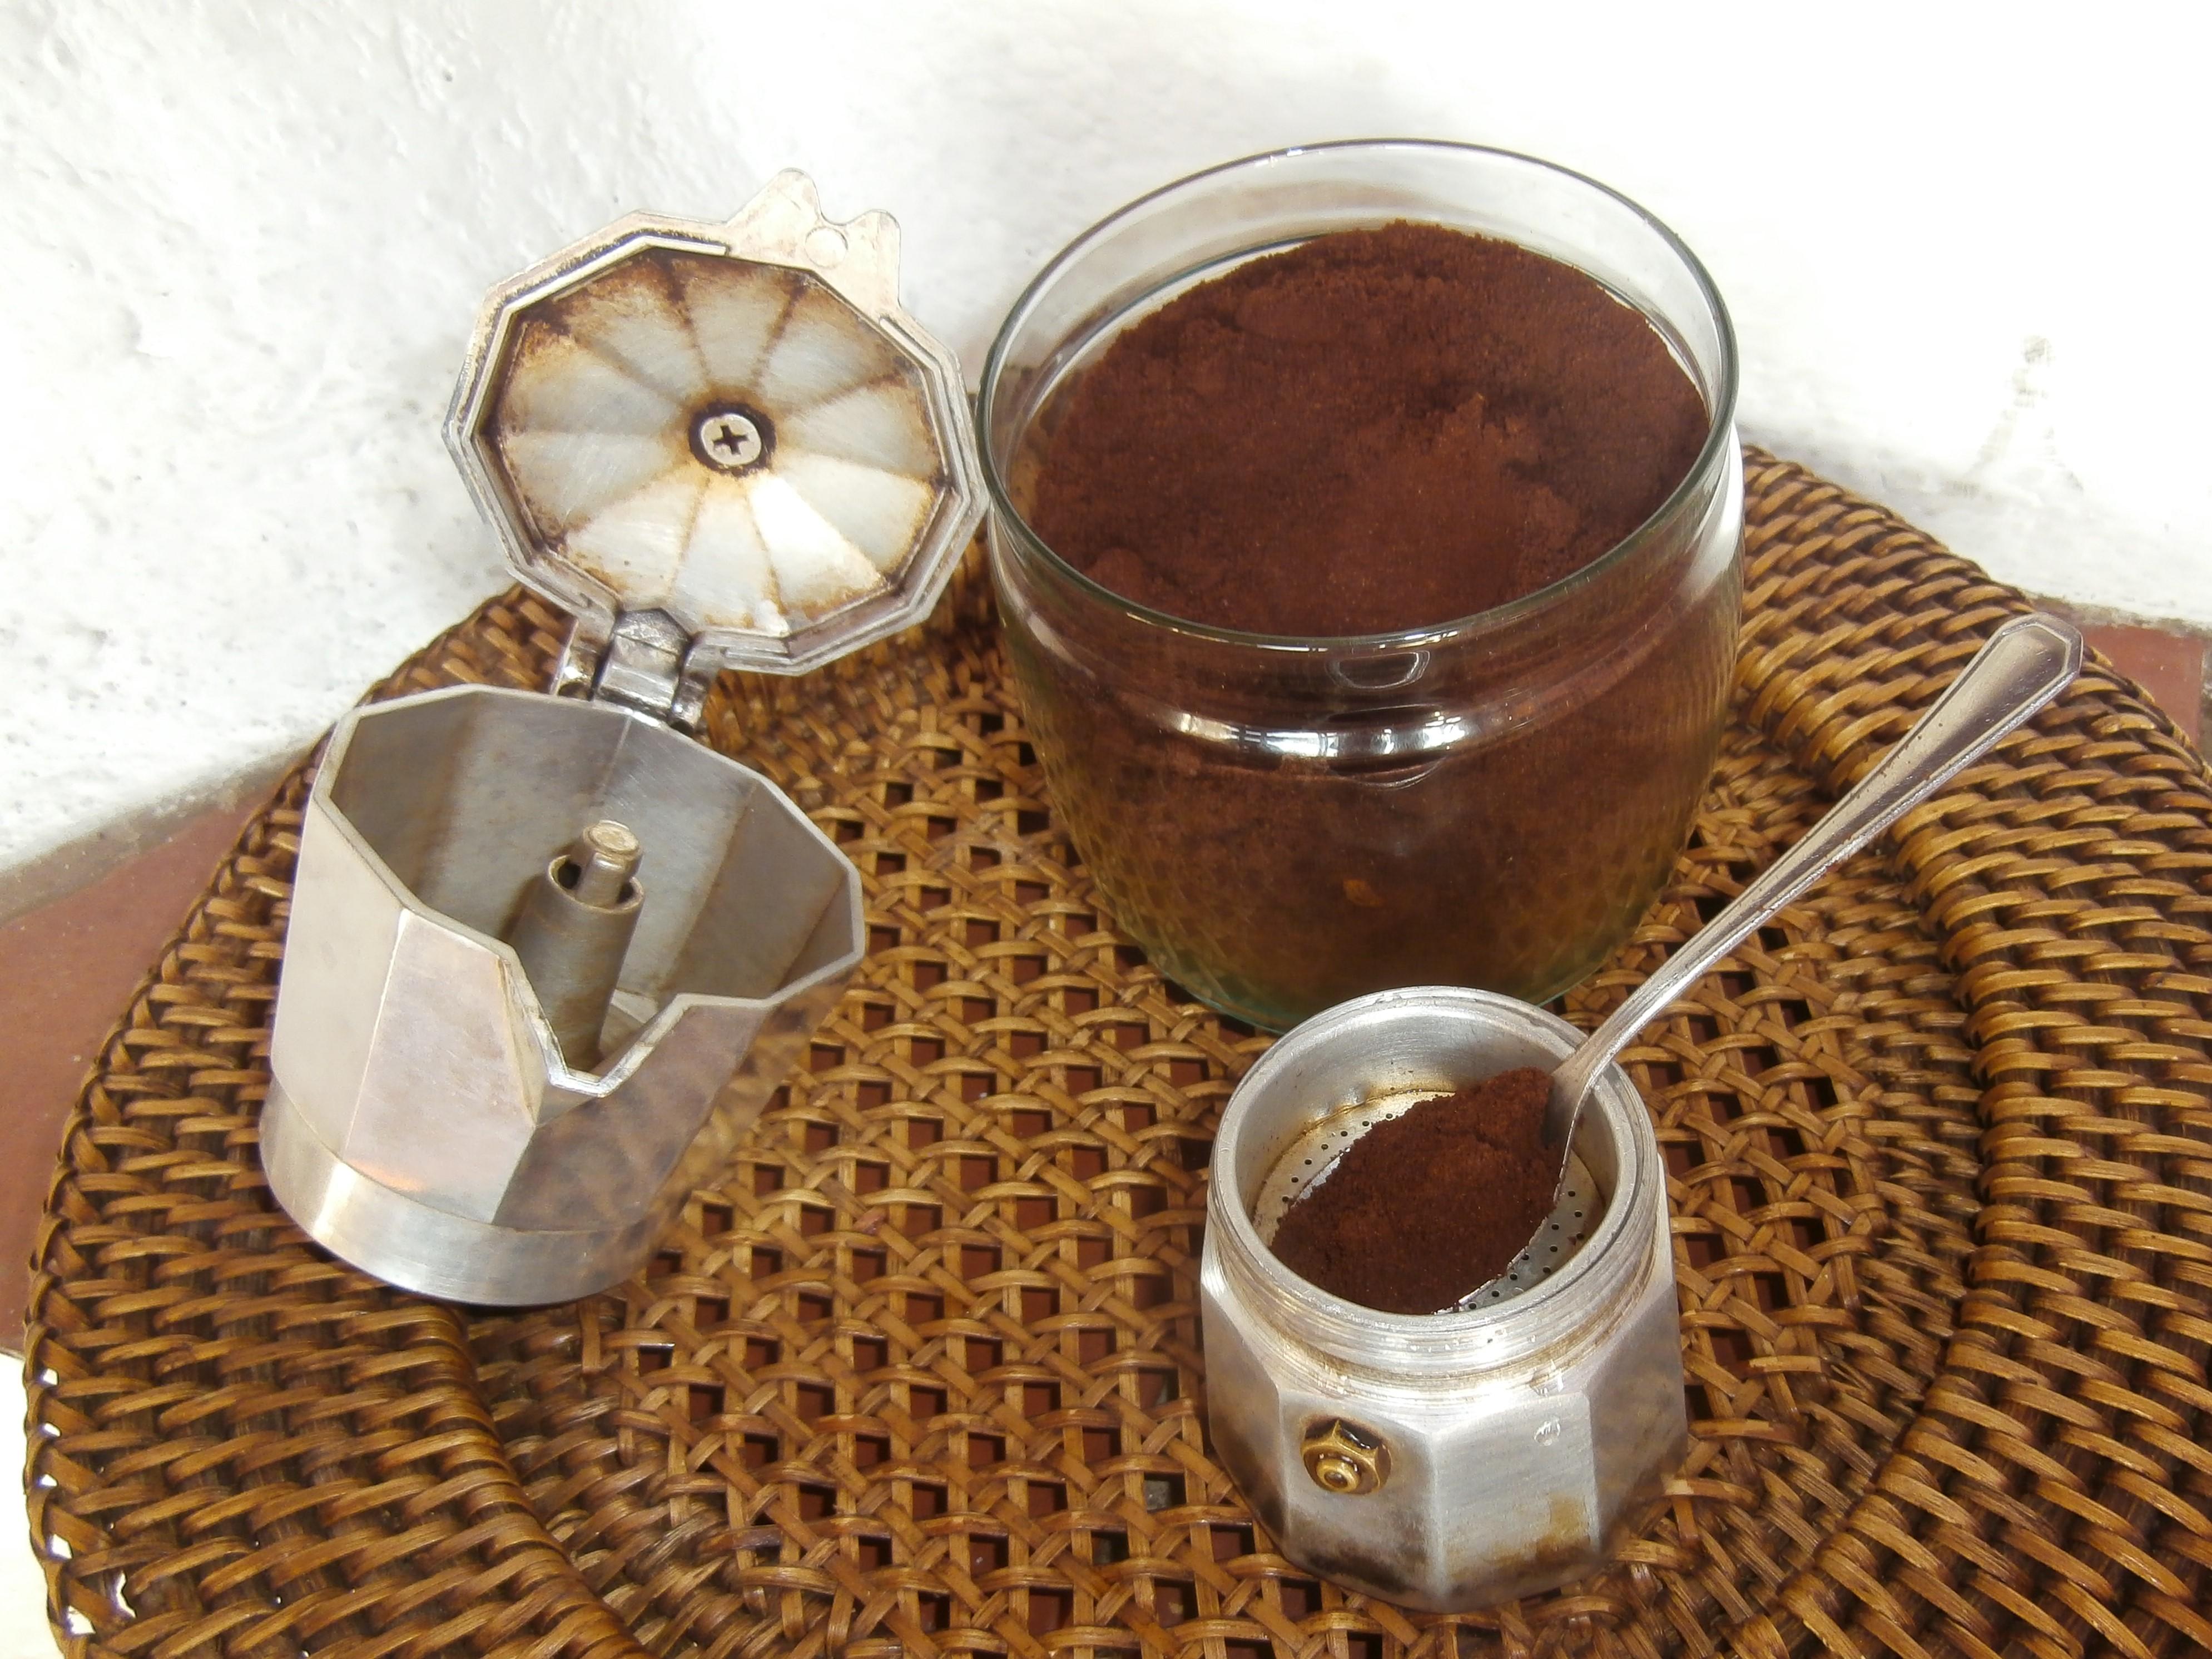 Koffie in de zeef  -  foto : Enigma